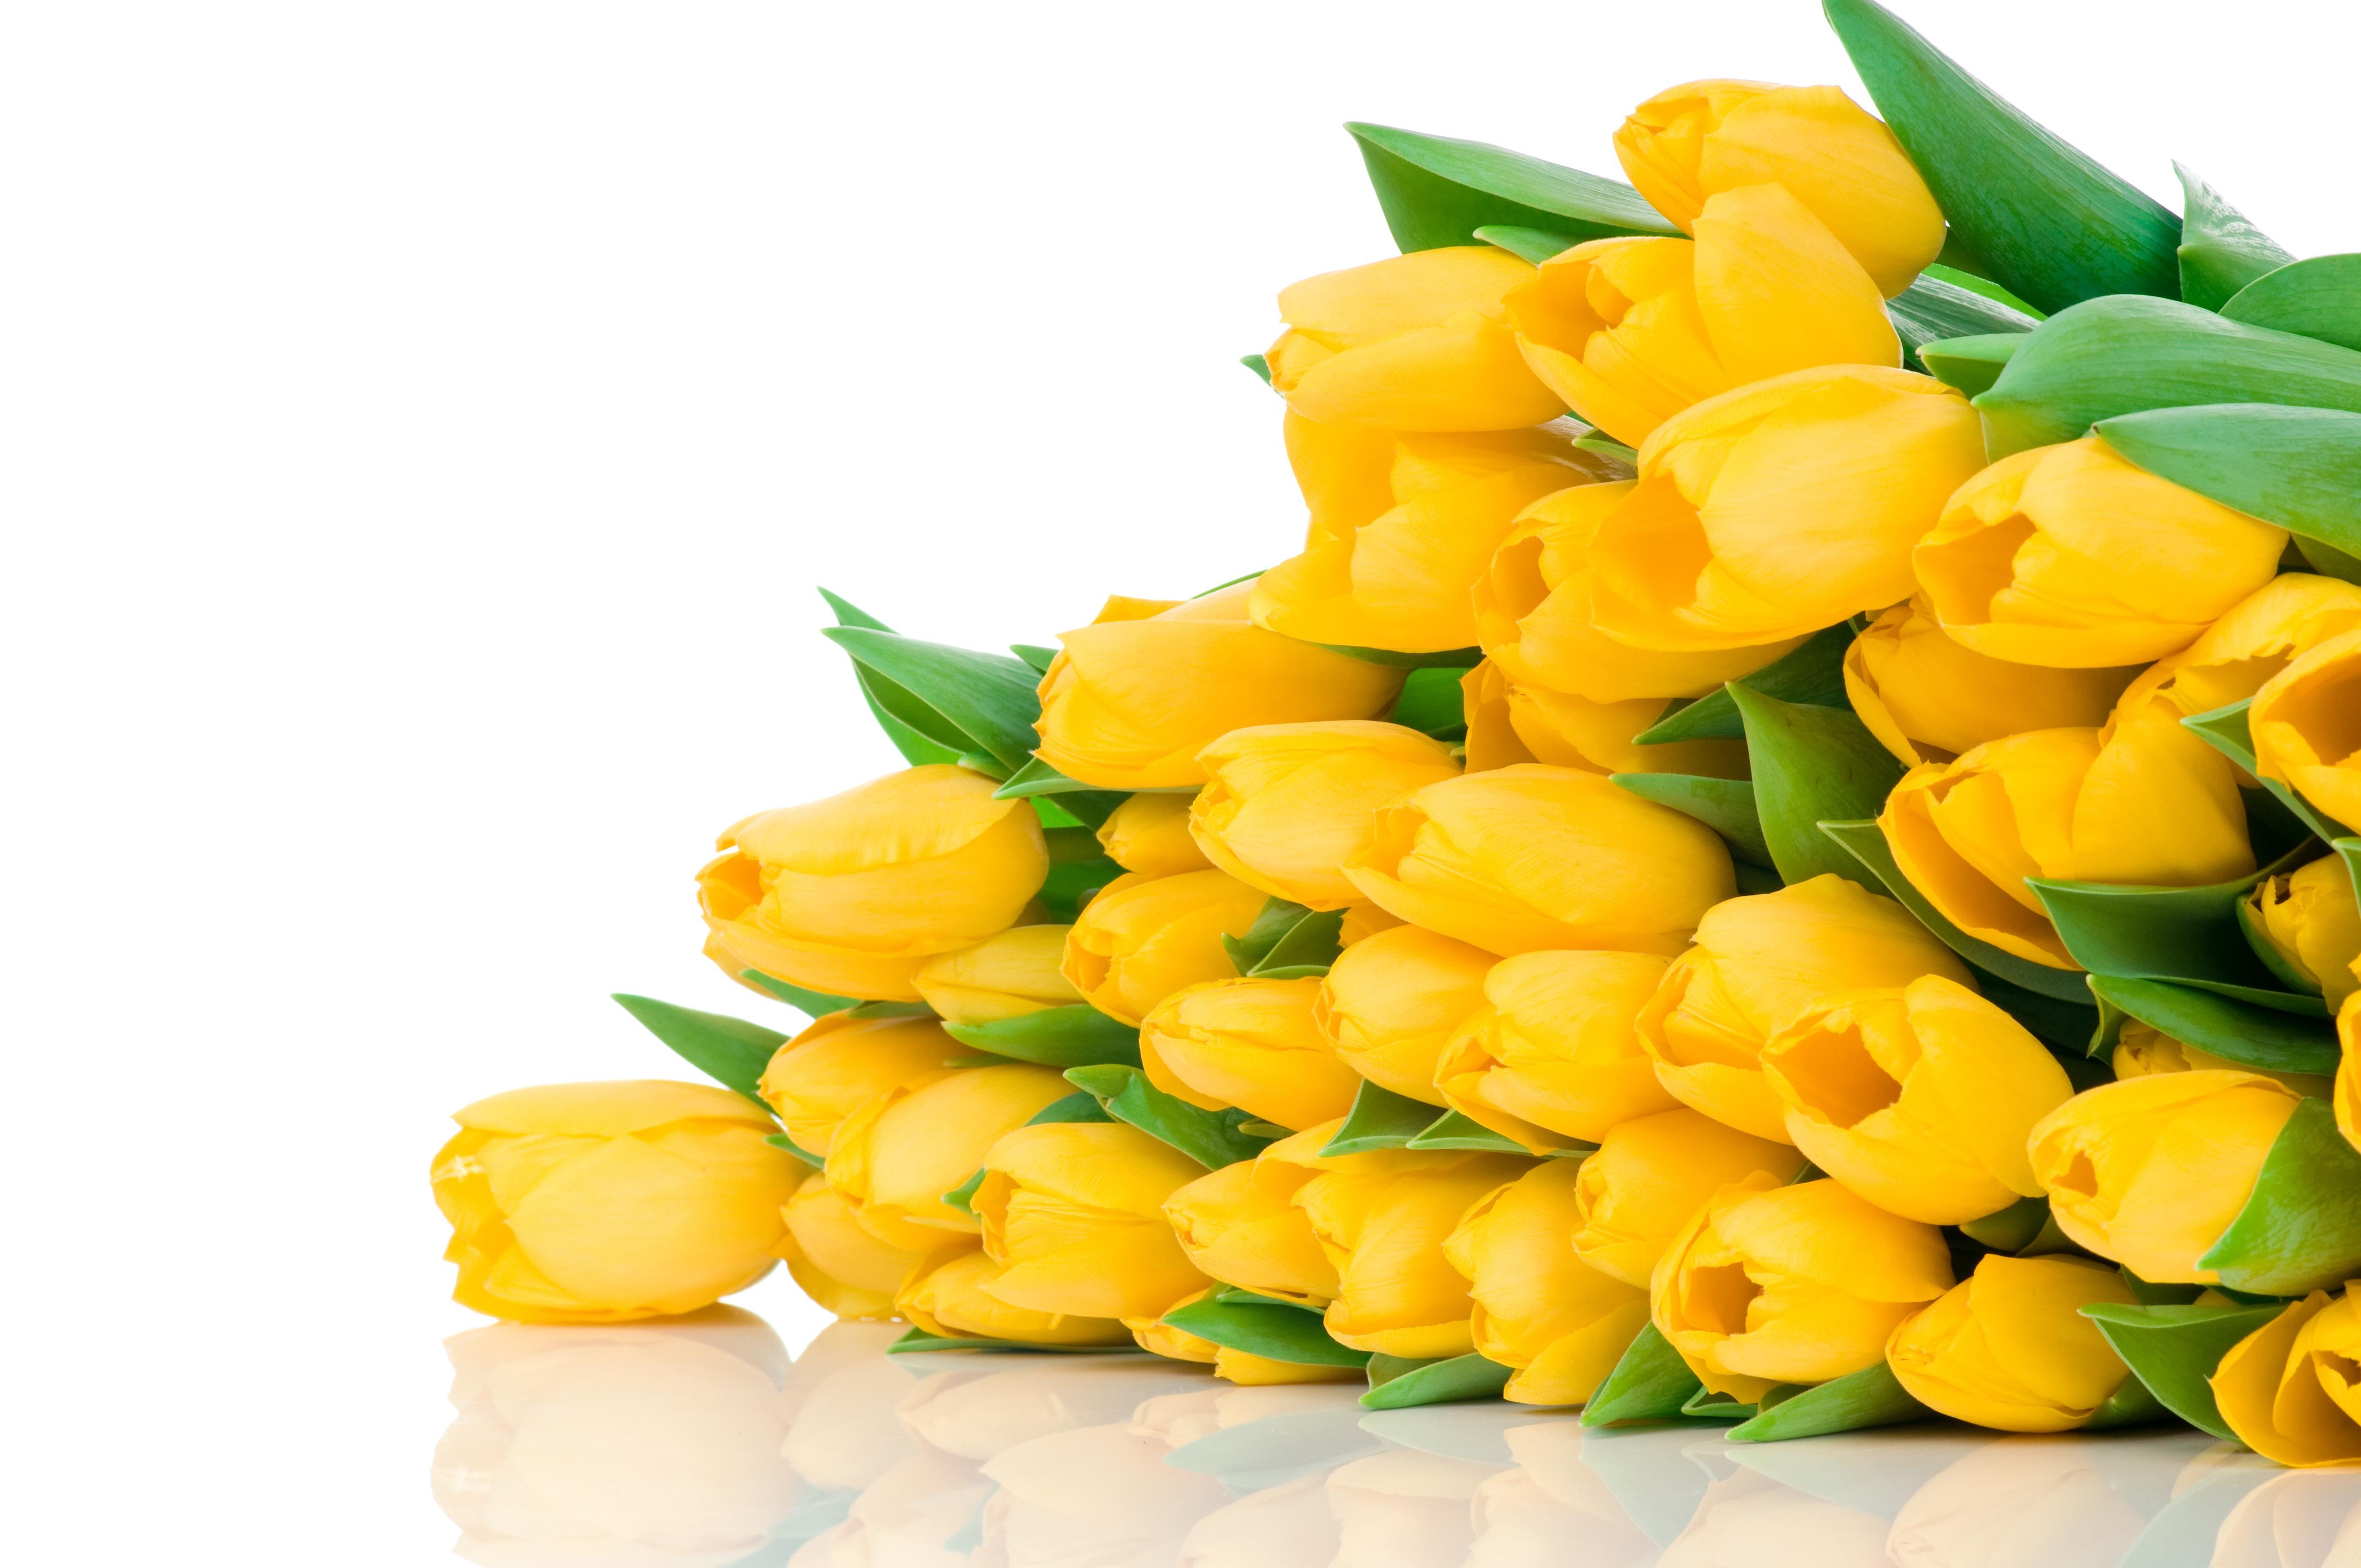 Котиков, открытки тюльпанов в хорошем качестве